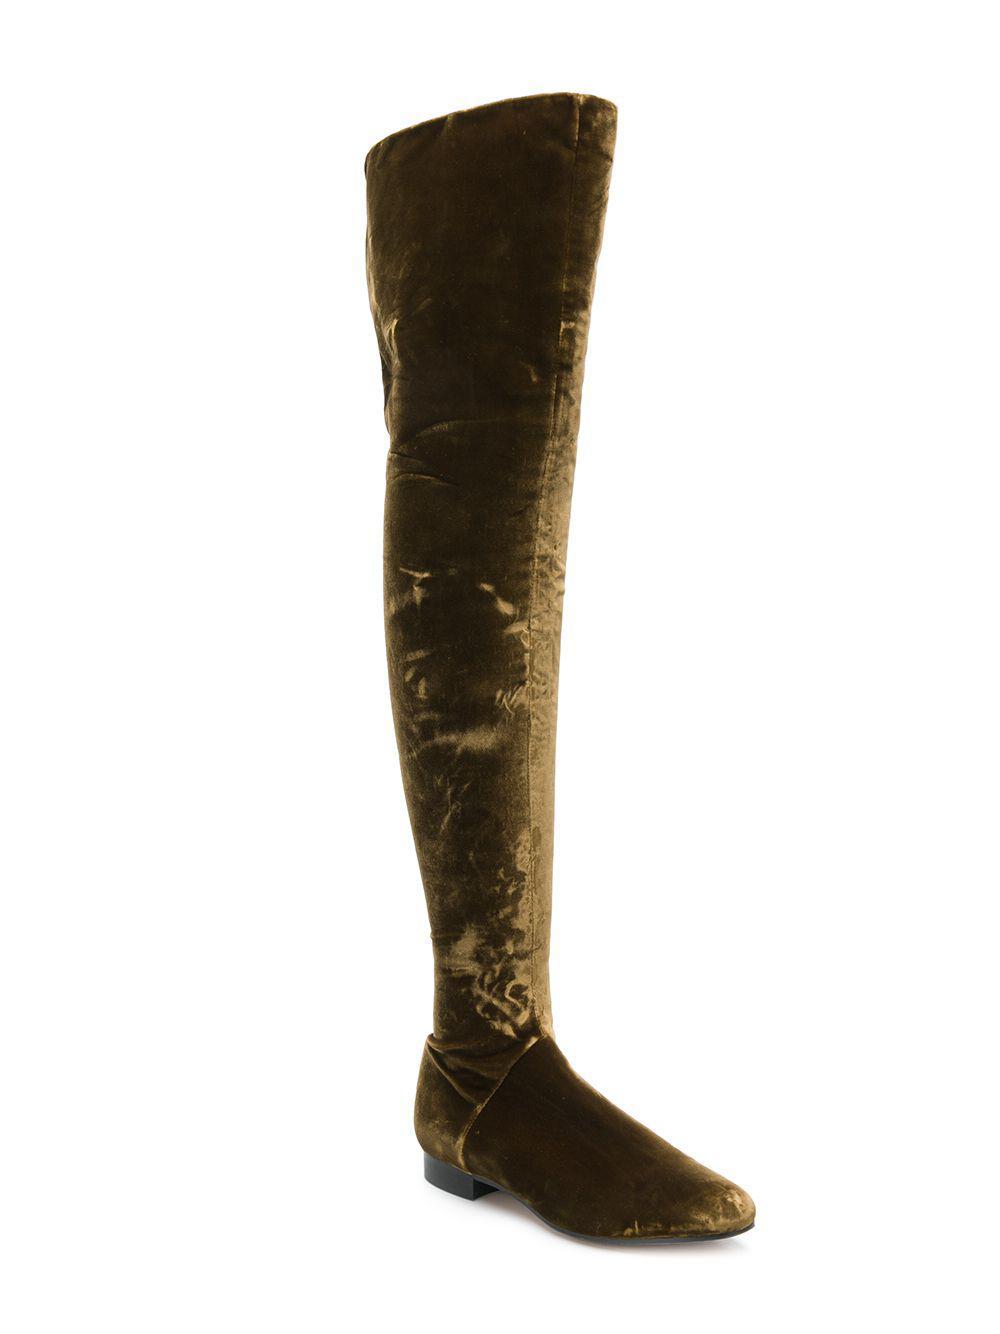 Alberta Ferretti Velvet Over The Knee Boots in Brown